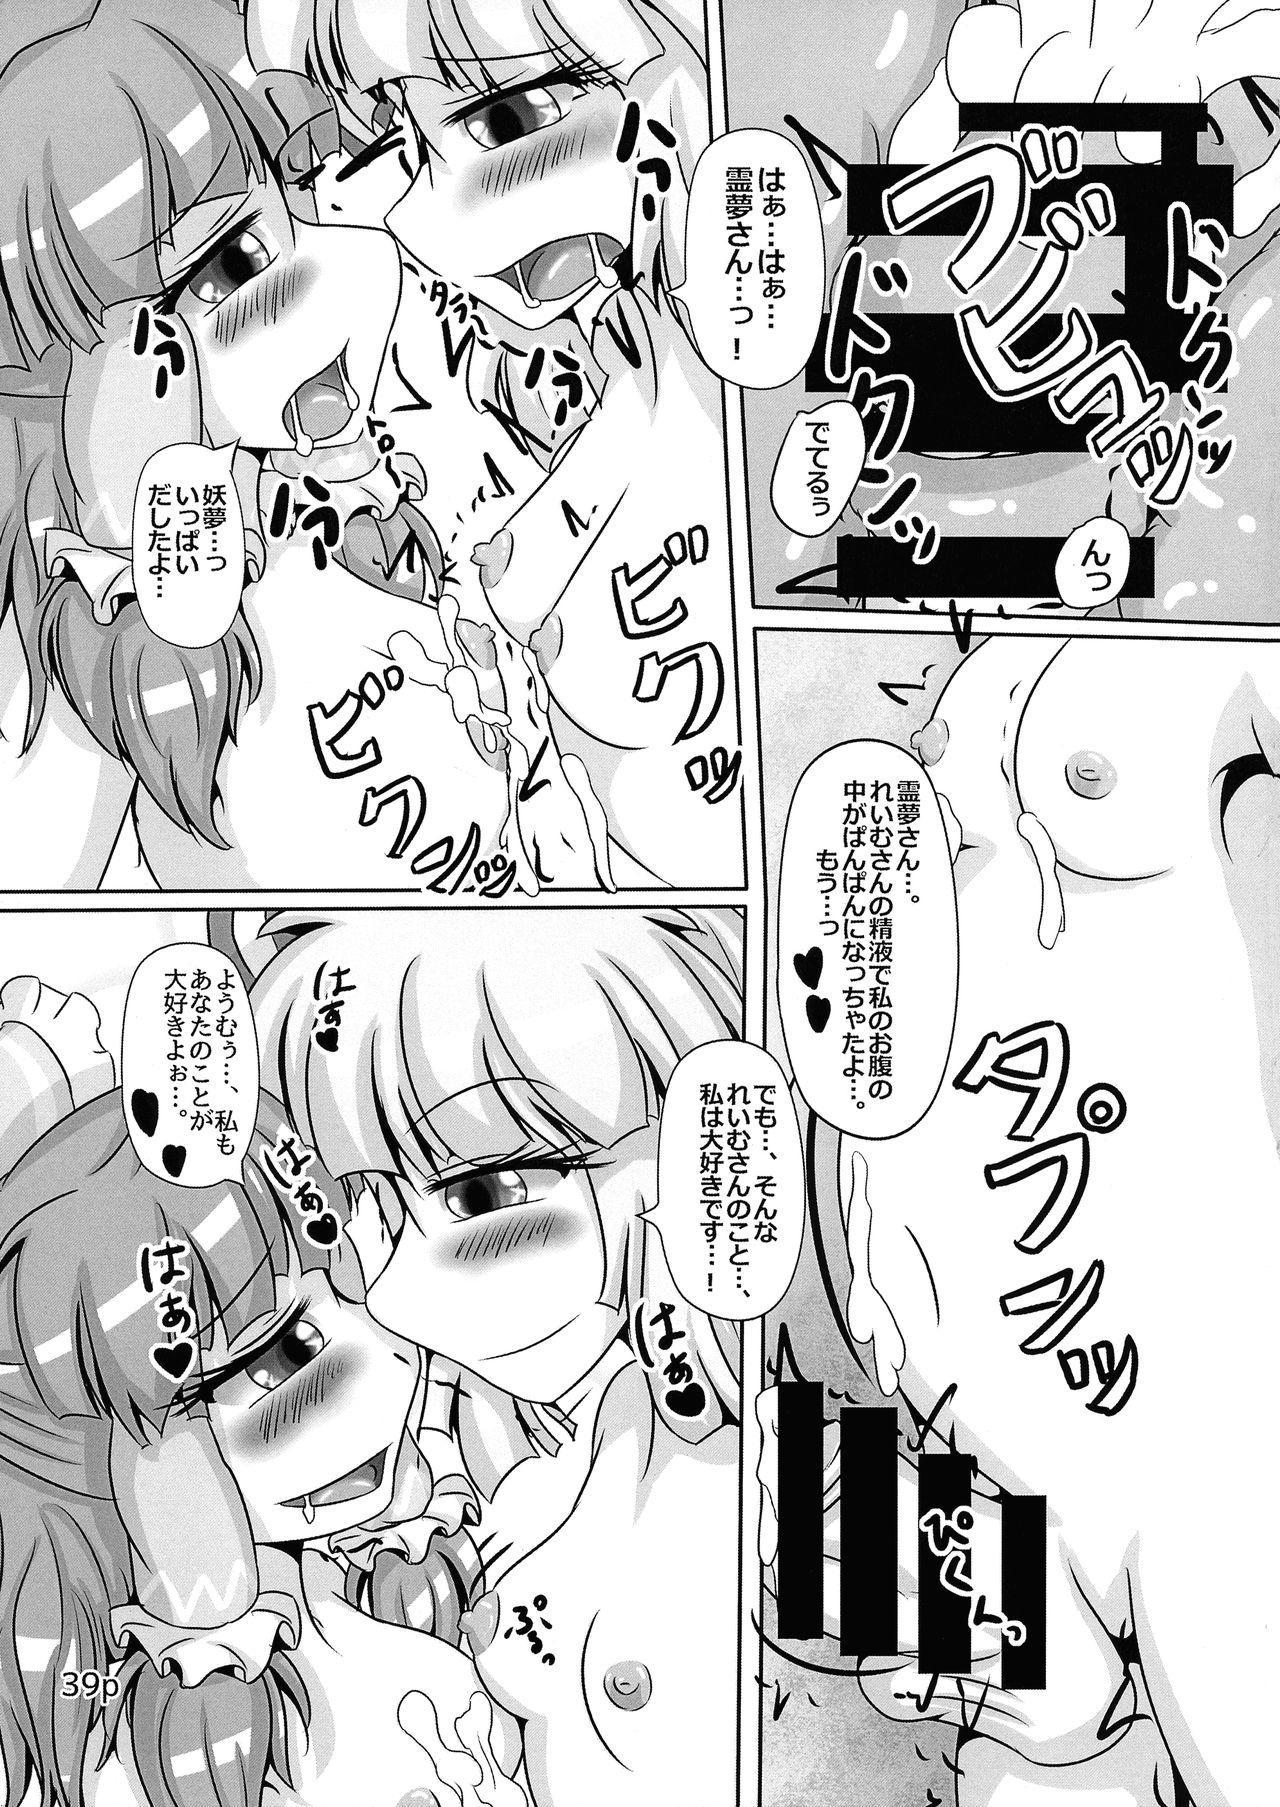 Reimu-chan ga Minna ni Shiboritorareru Hon Itsukame 40